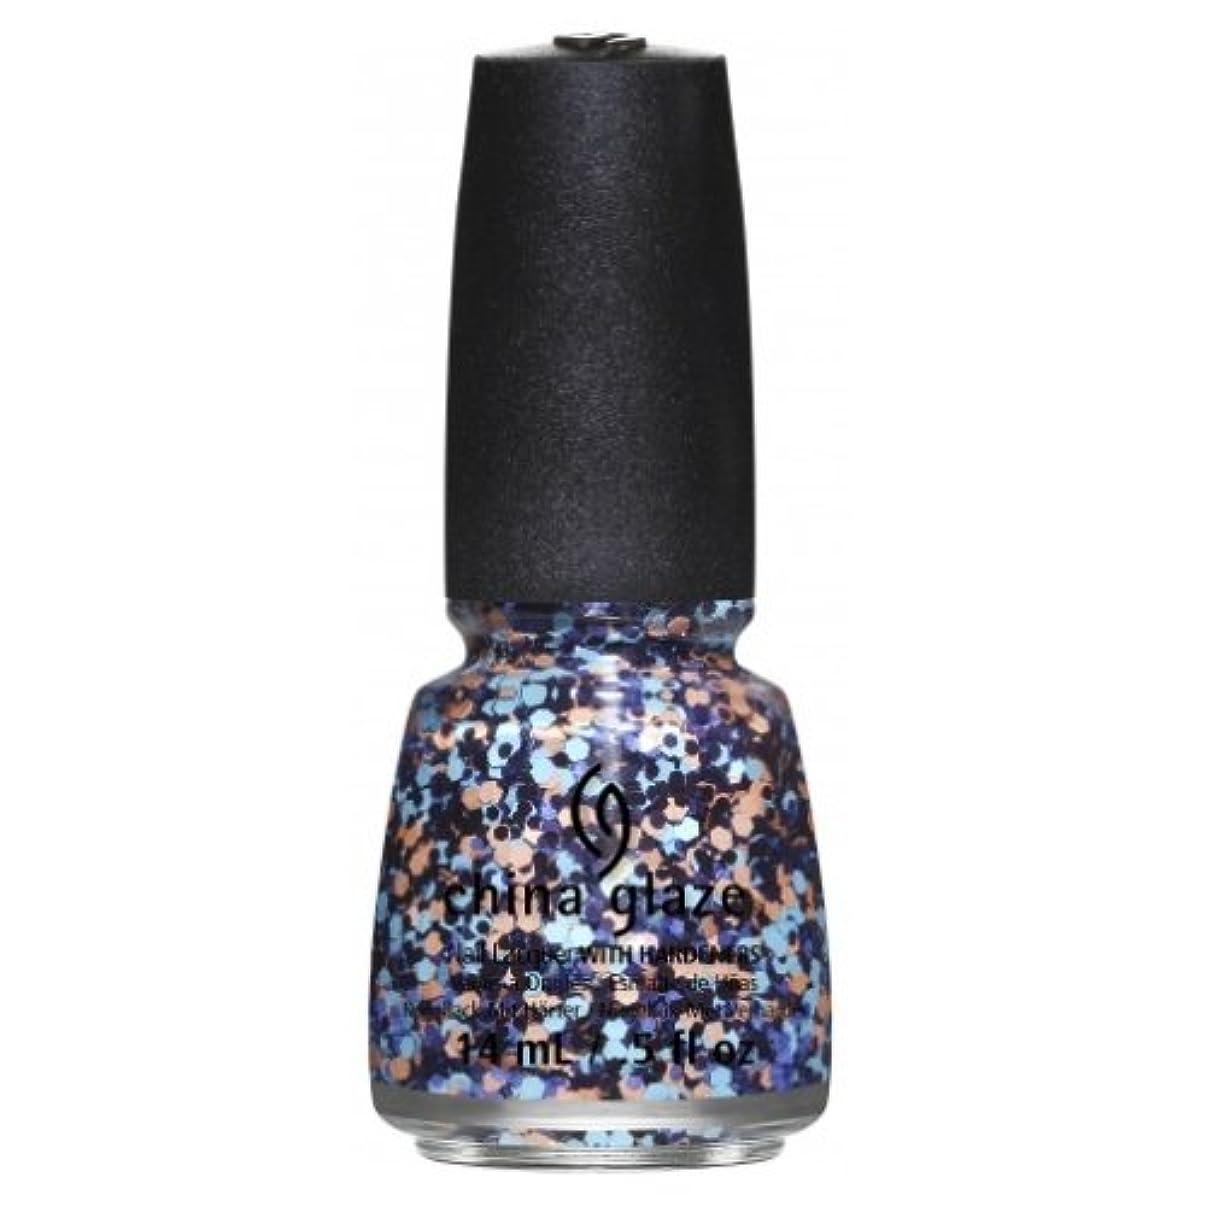 によってボトルネック水平(3 Pack) CHINA GLAZE Nail Lacquer - Suprise Collection - Glitter Up (並行輸入品)